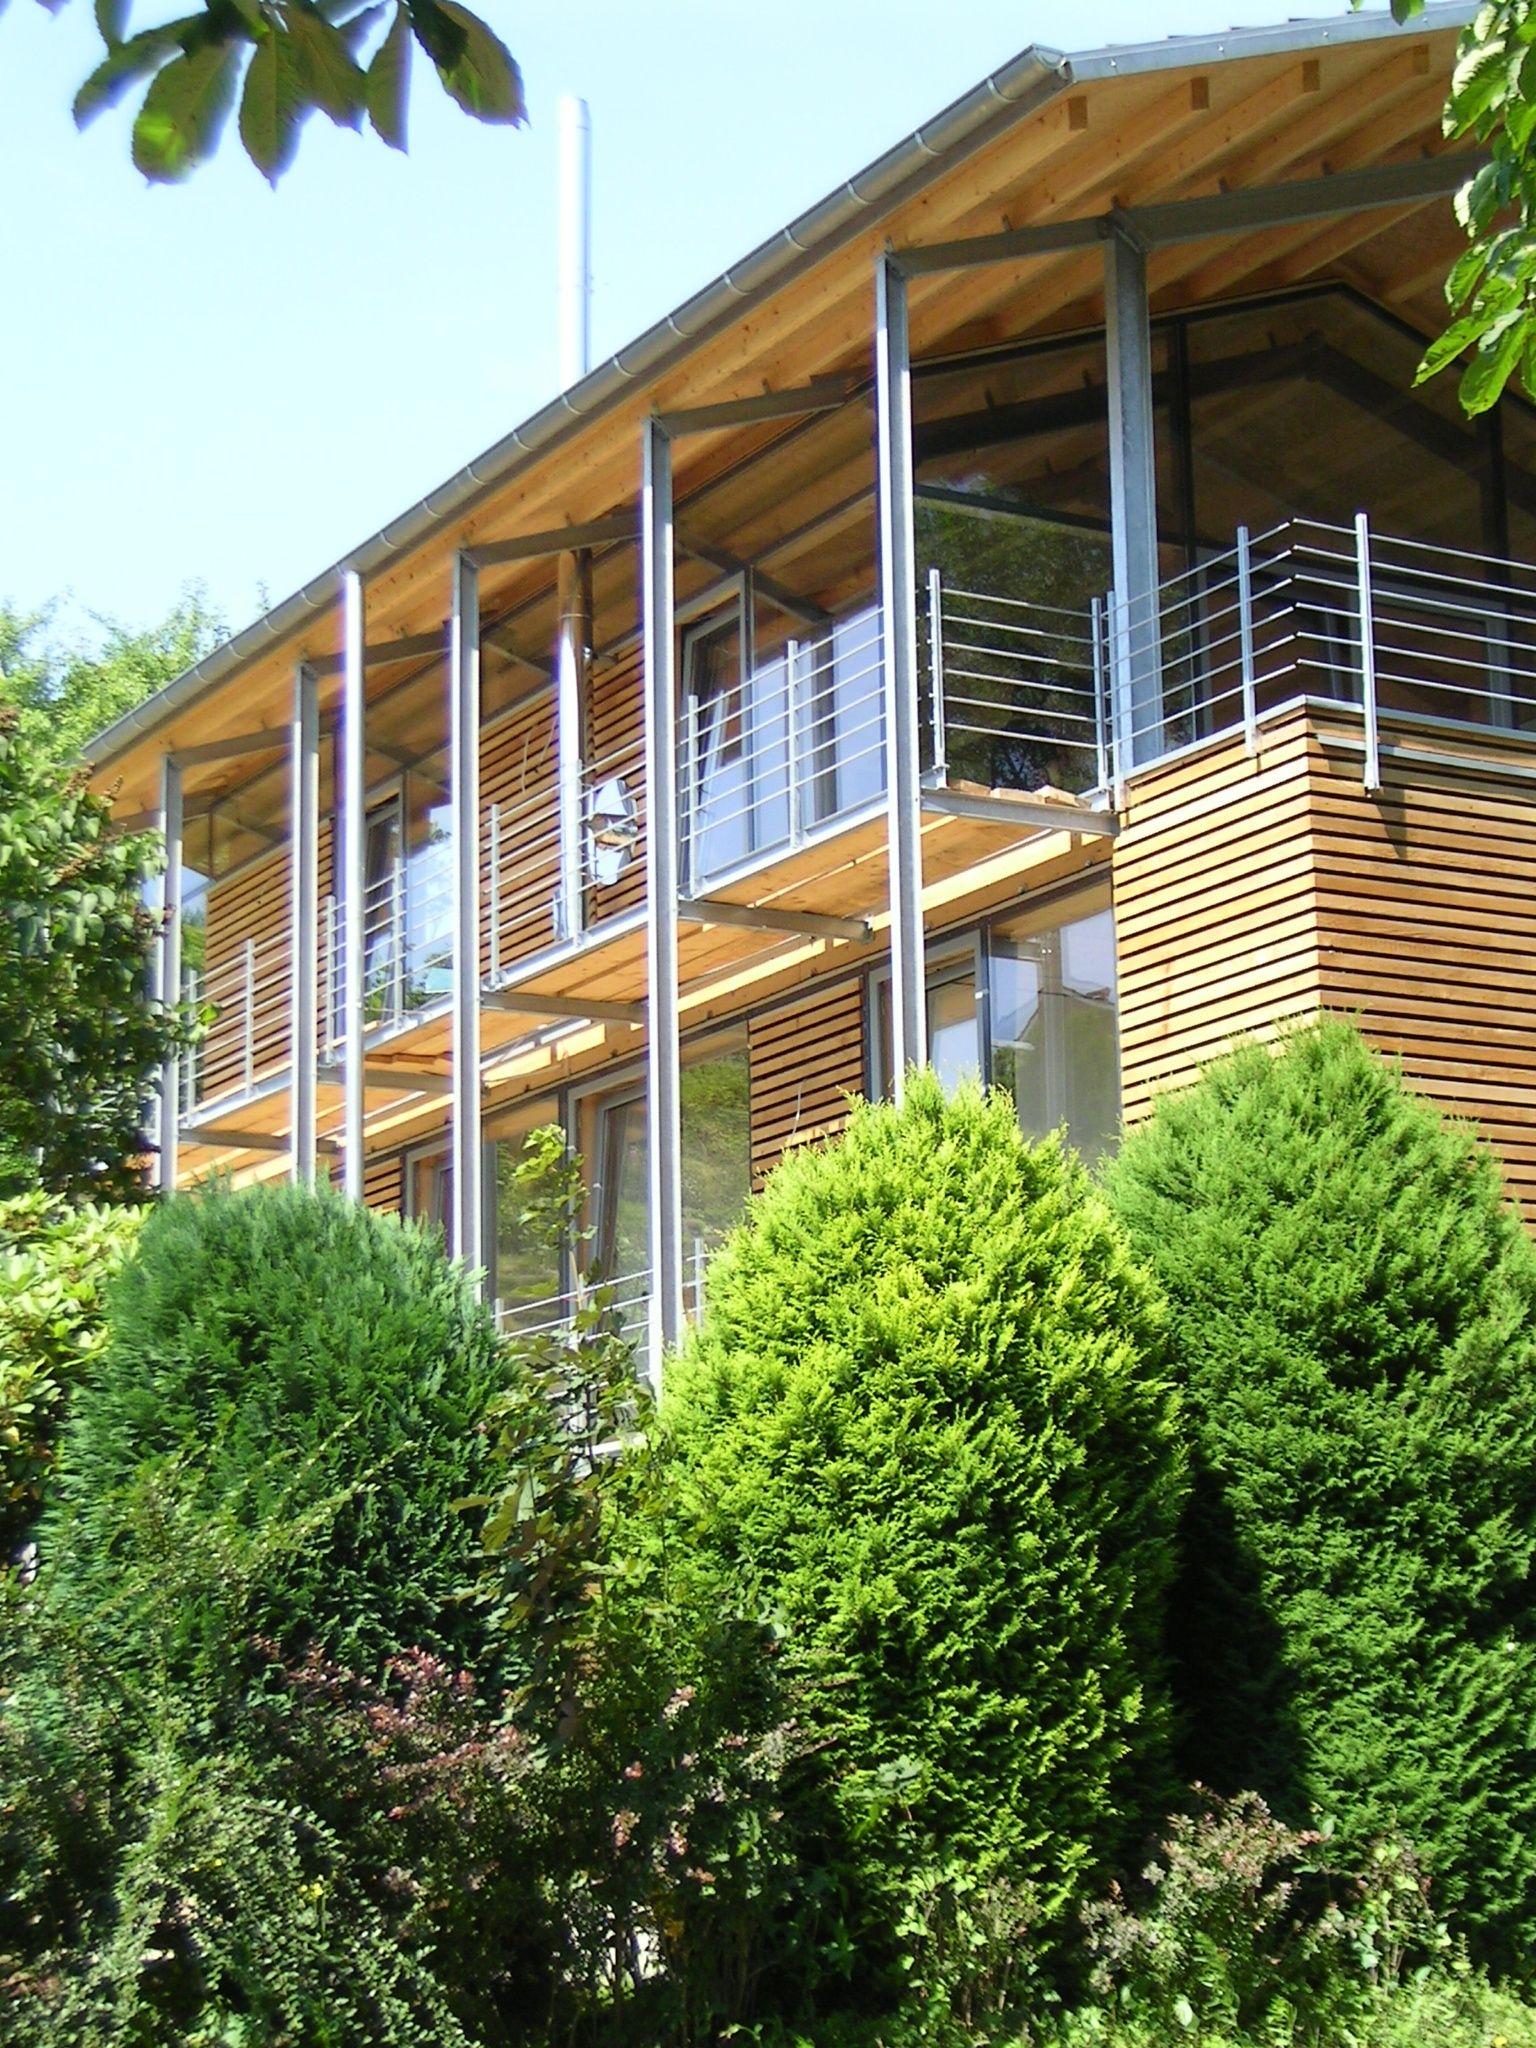 Modernes Holzhaus modernes holzhaus mit viel glas und einer fassade aus lärchenholz